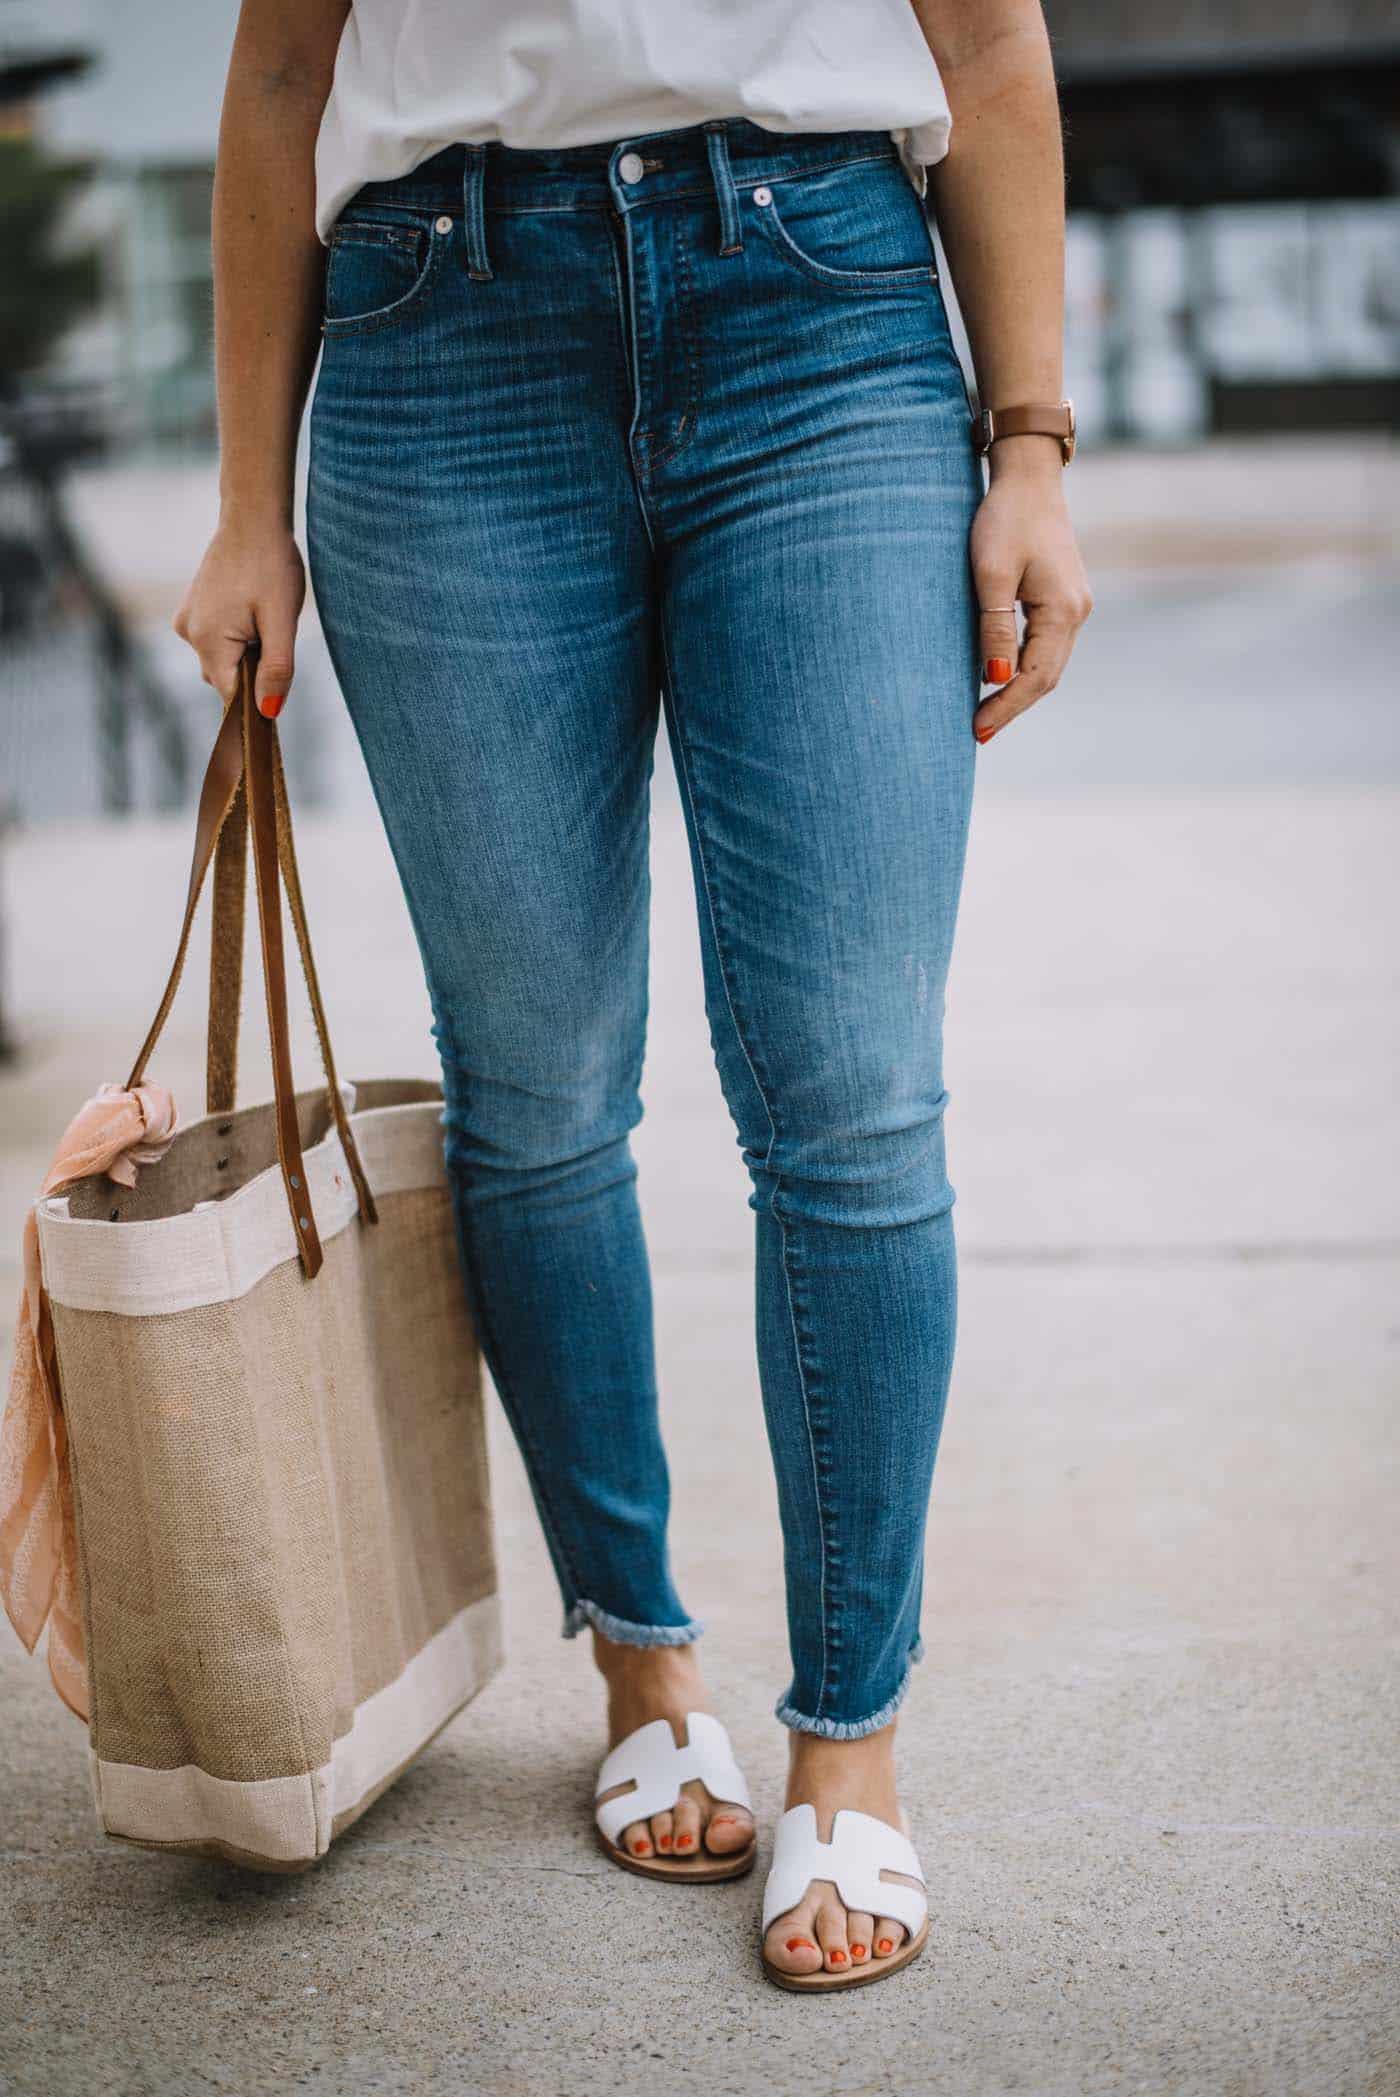 White Steve Madden sandals, summer jeans - My Style Vita